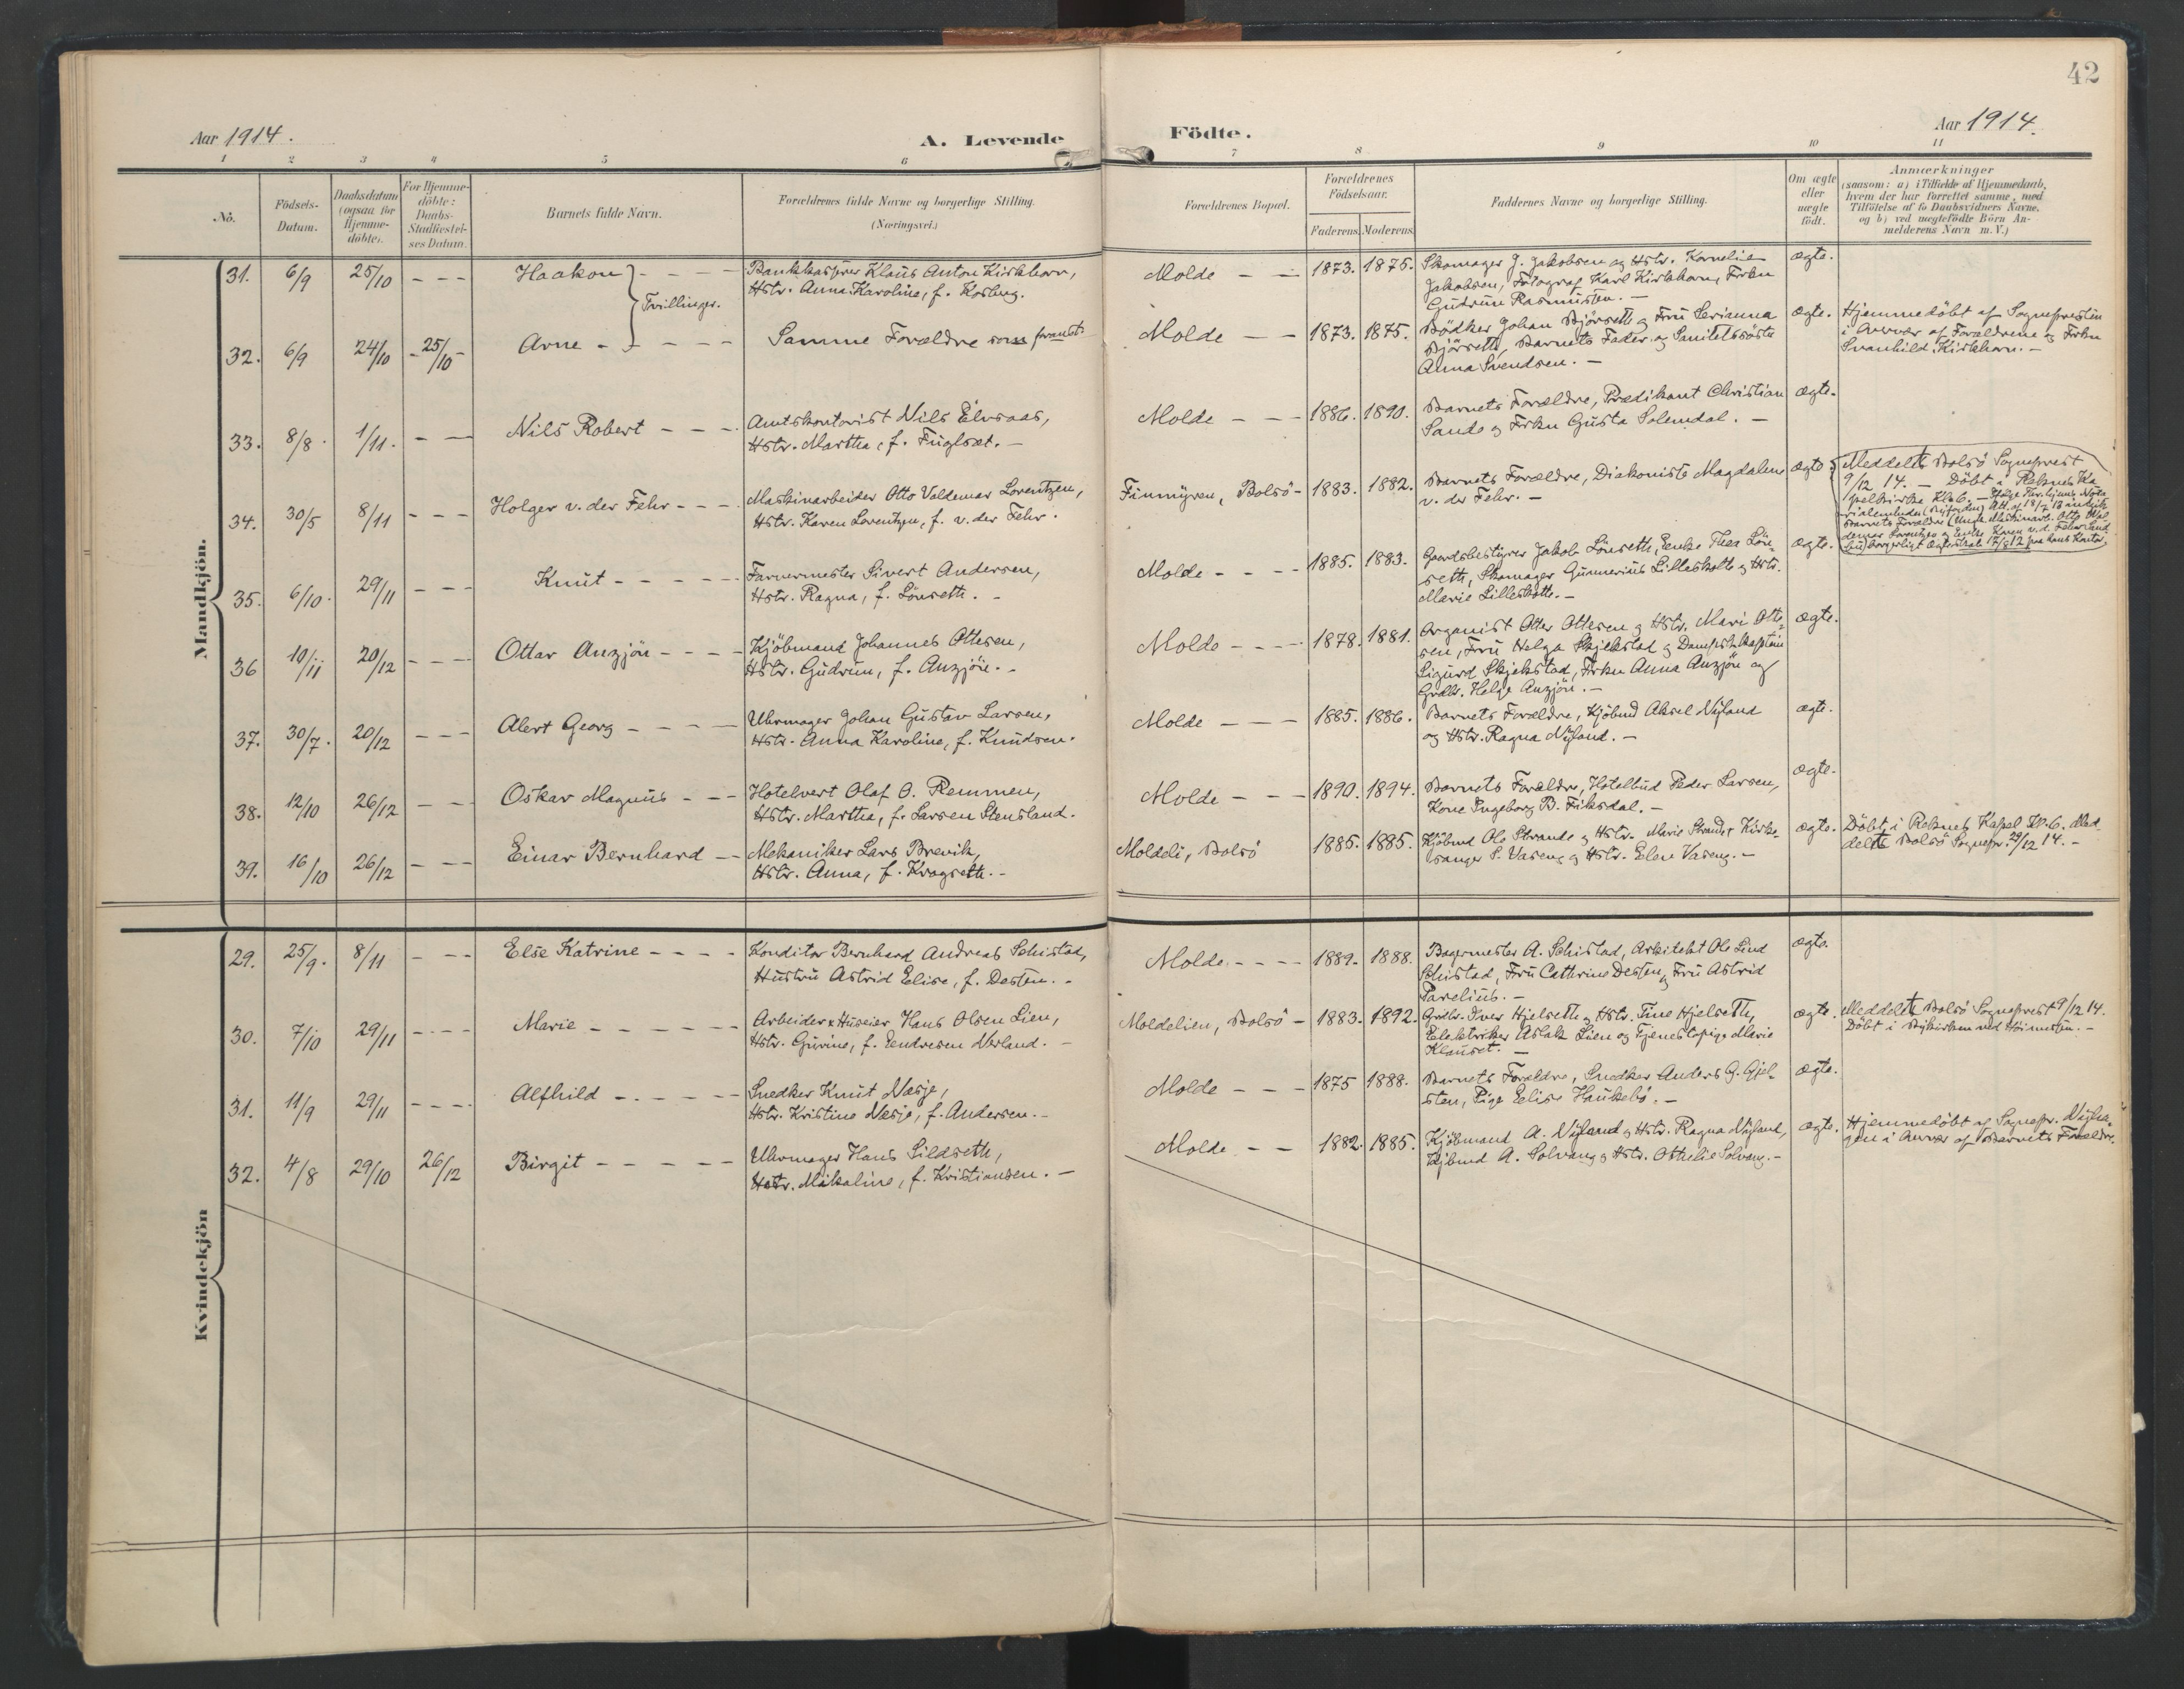 SAT, Ministerialprotokoller, klokkerbøker og fødselsregistre - Møre og Romsdal, 558/L0693: Ministerialbok nr. 558A07, 1903-1917, s. 42